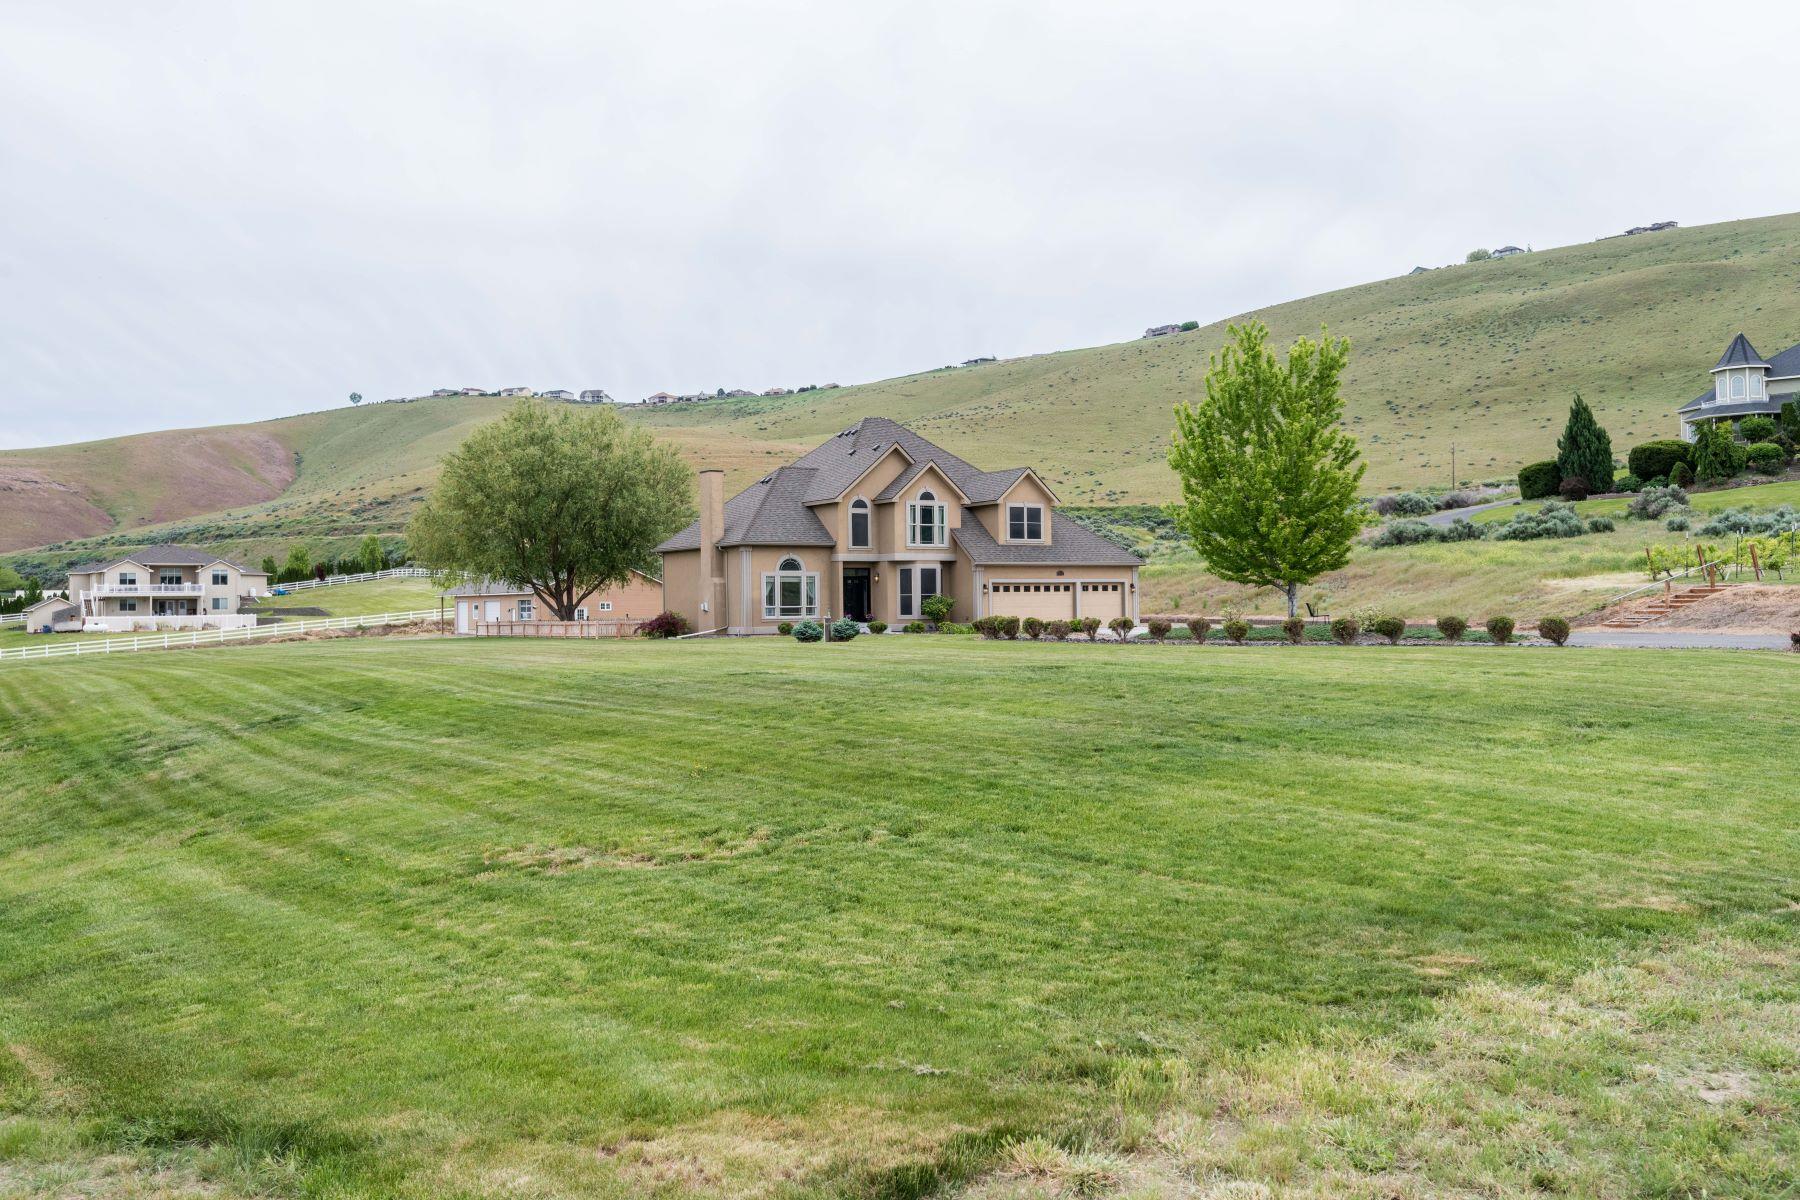 Casa Unifamiliar por un Venta en COUNTRY LIVING WITH A 60 X 40 SHOP!!! 30703 S 959 PR SE Kennewick, Washington 99338 Estados Unidos